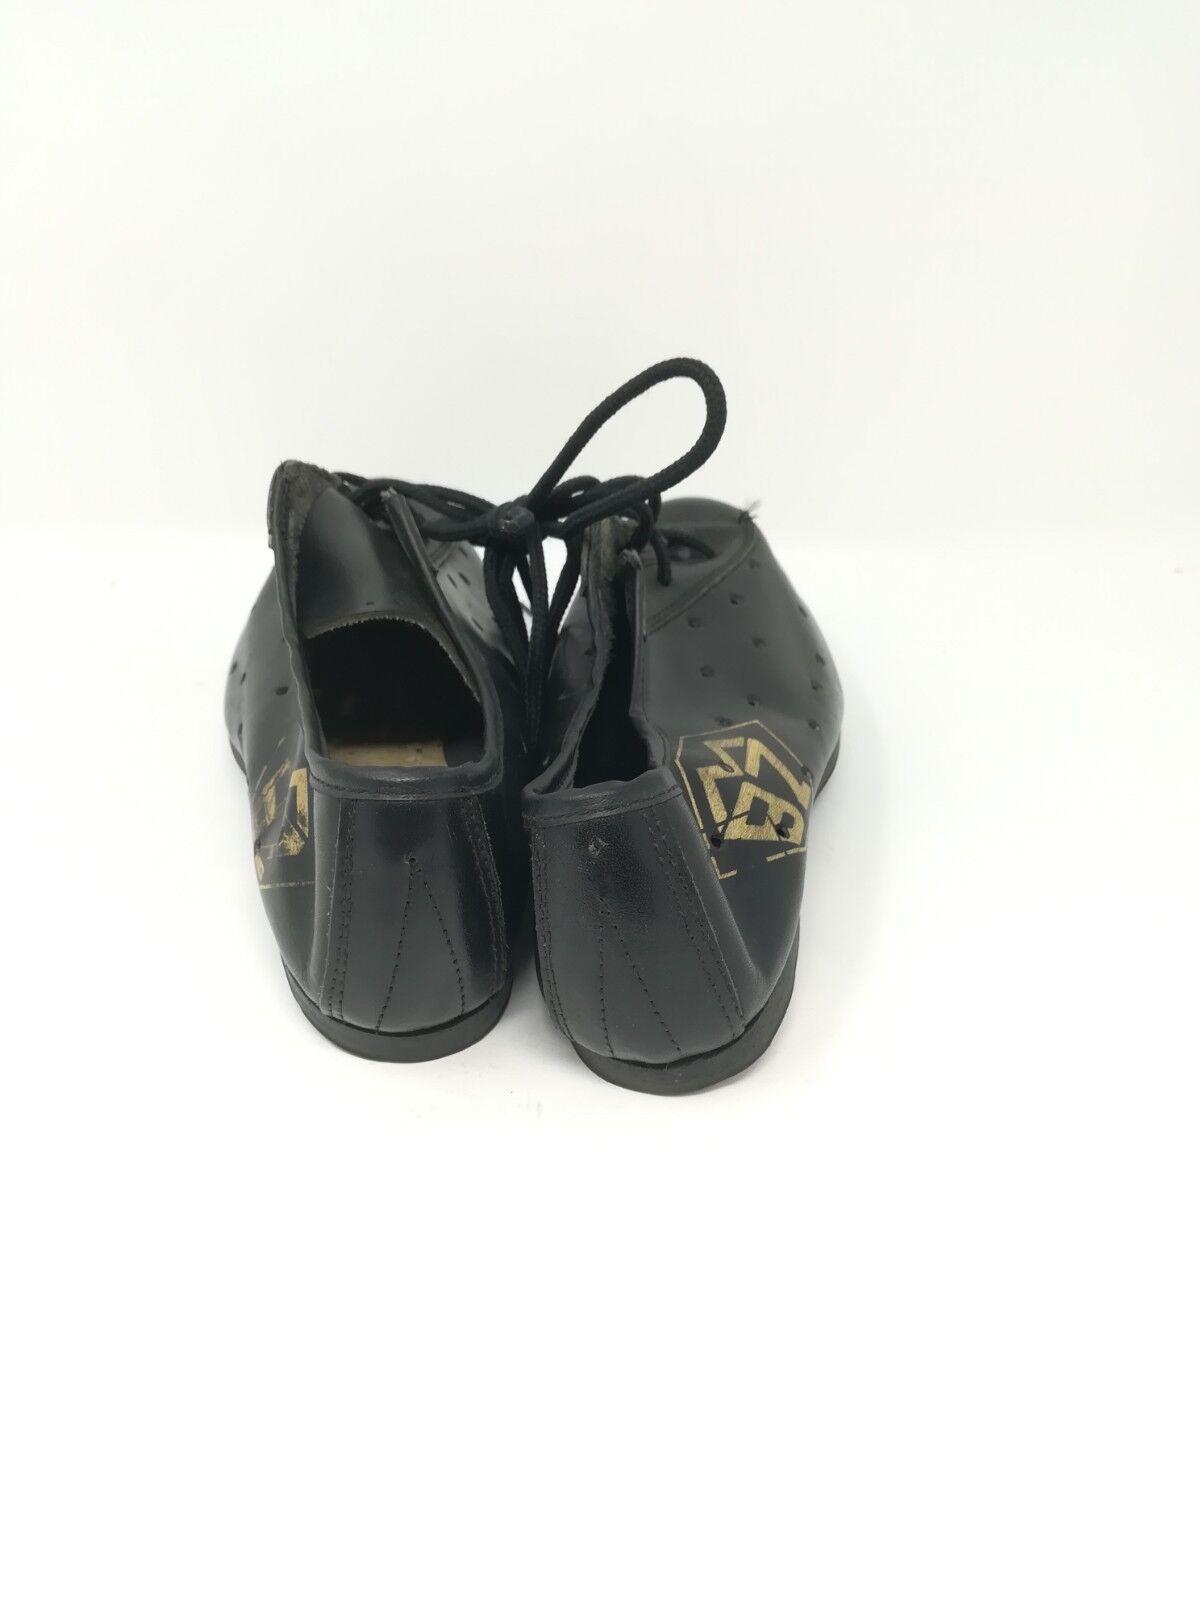 Vintage scarpe ciclismo cycling shoes 35 NOS MBZ MBZ NOS 2d8c3c